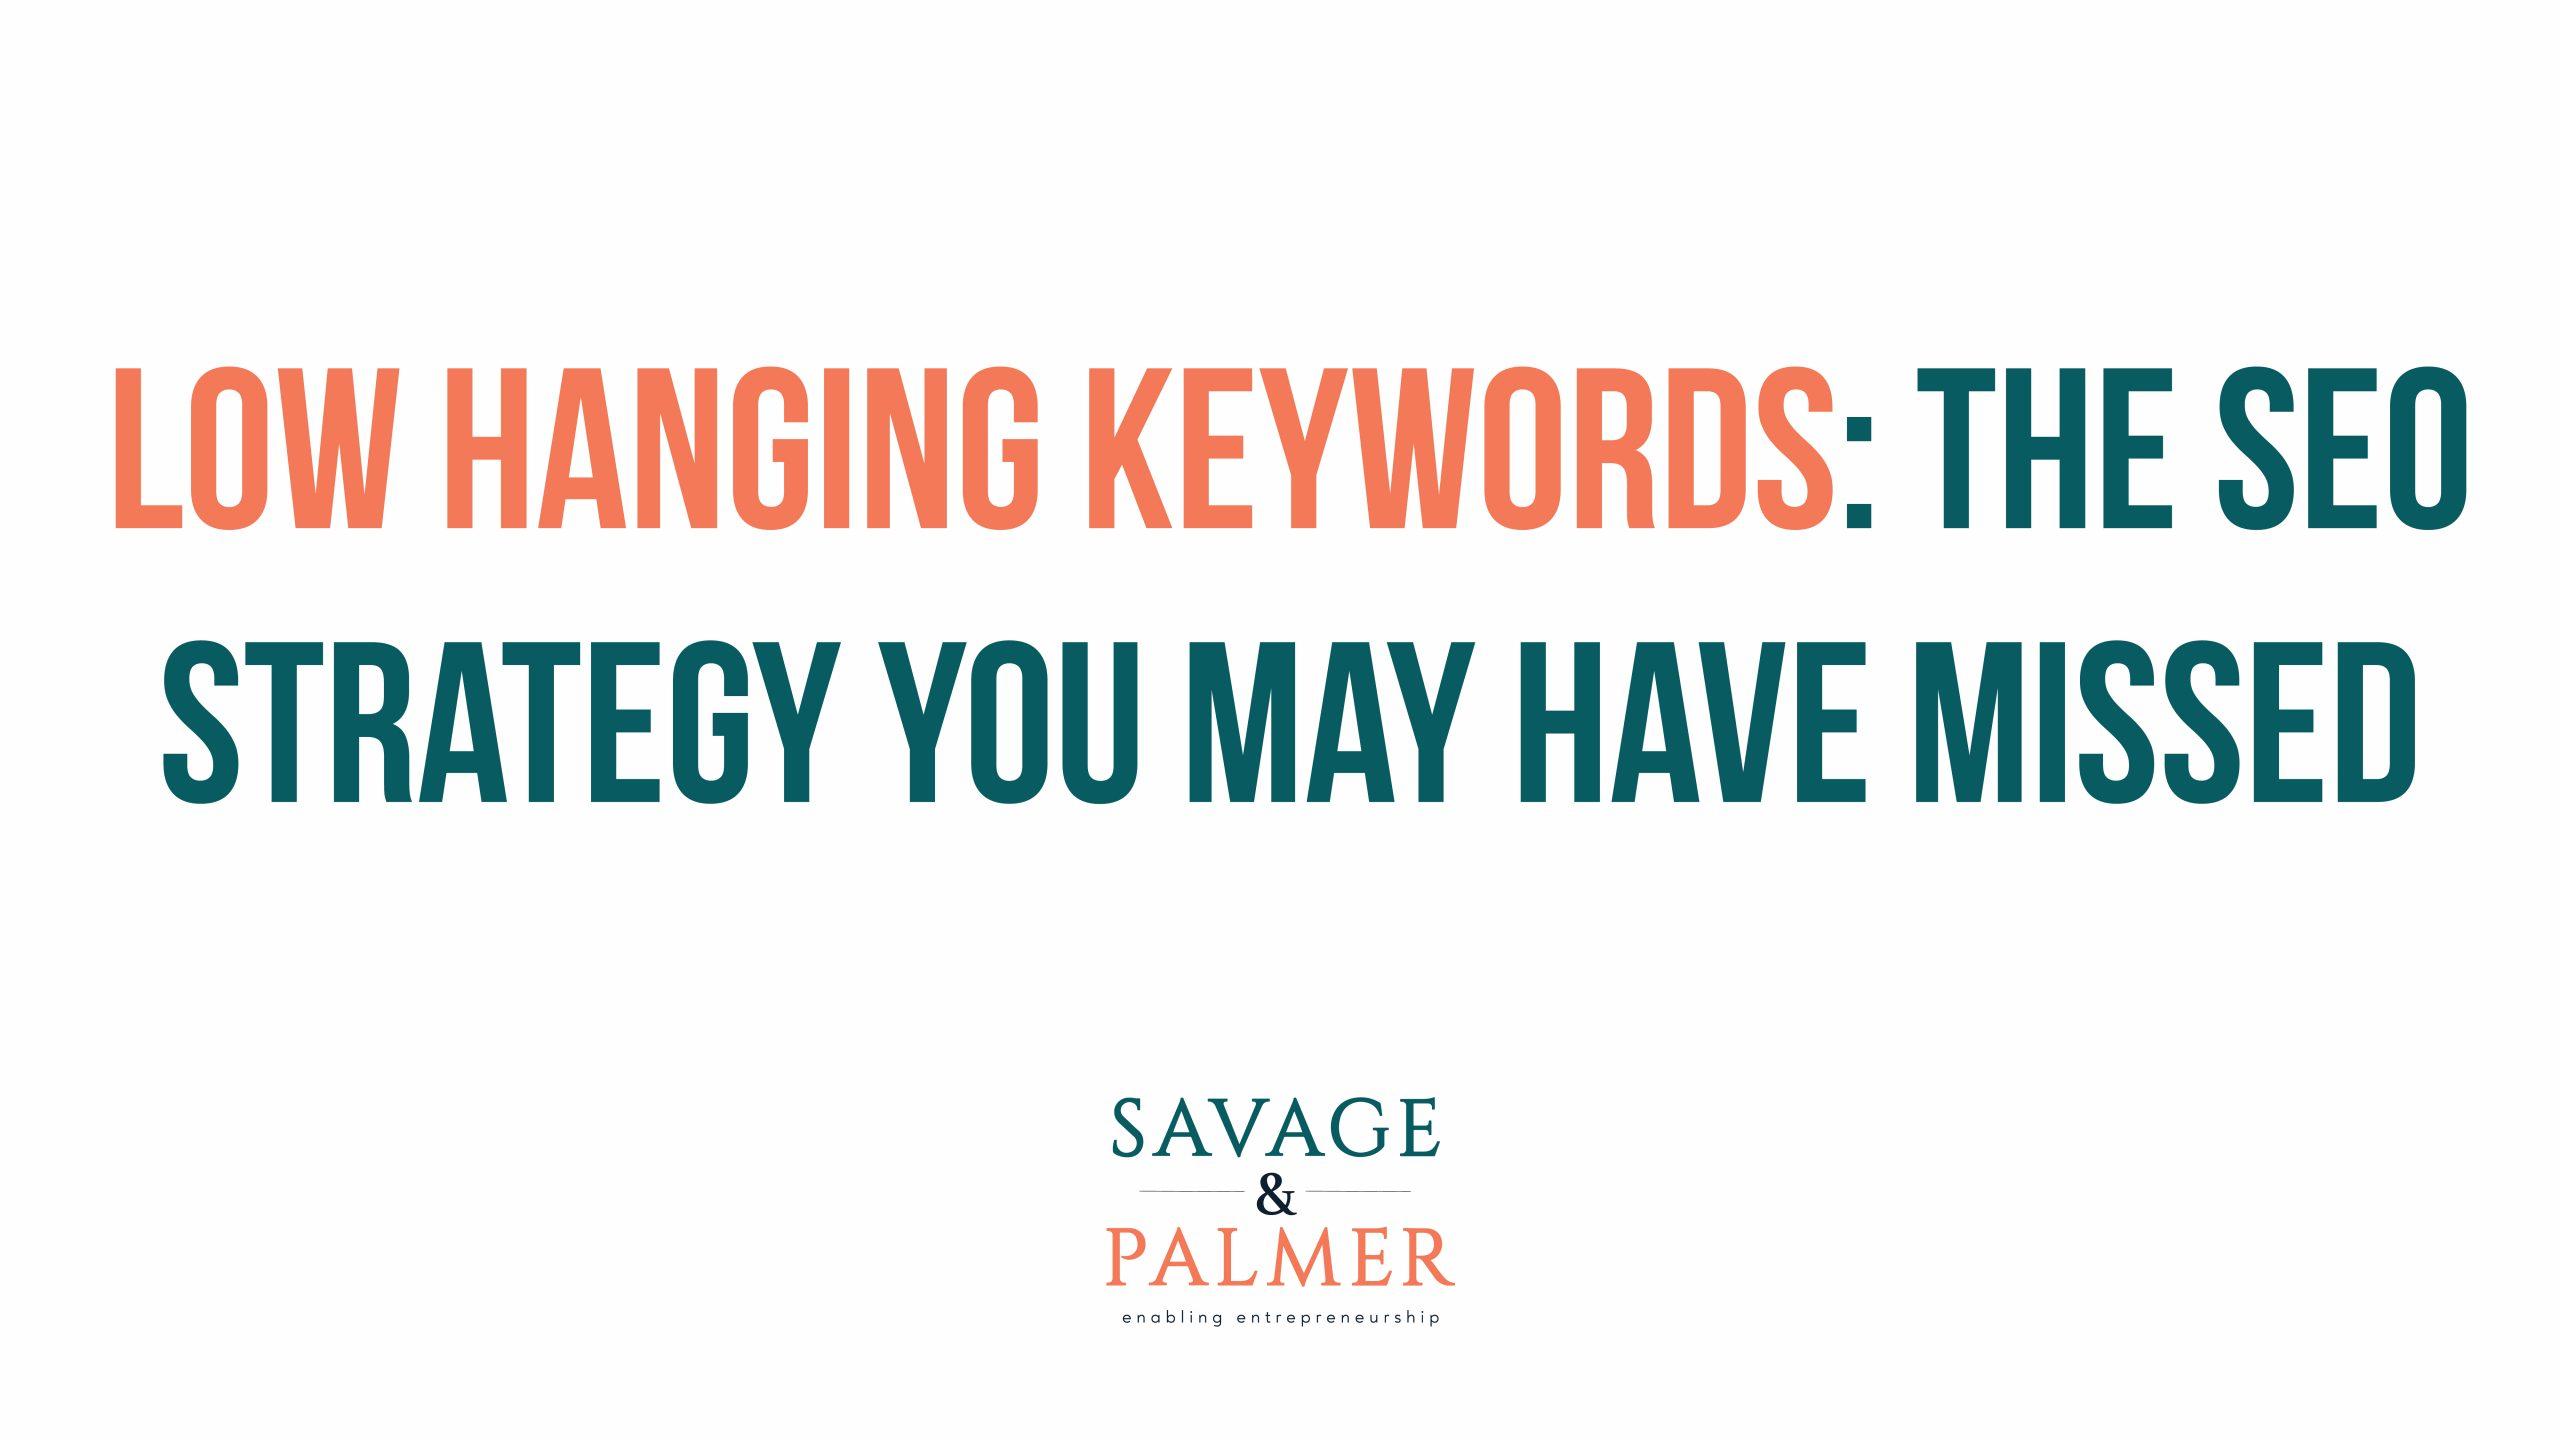 low hanging fruit keywords